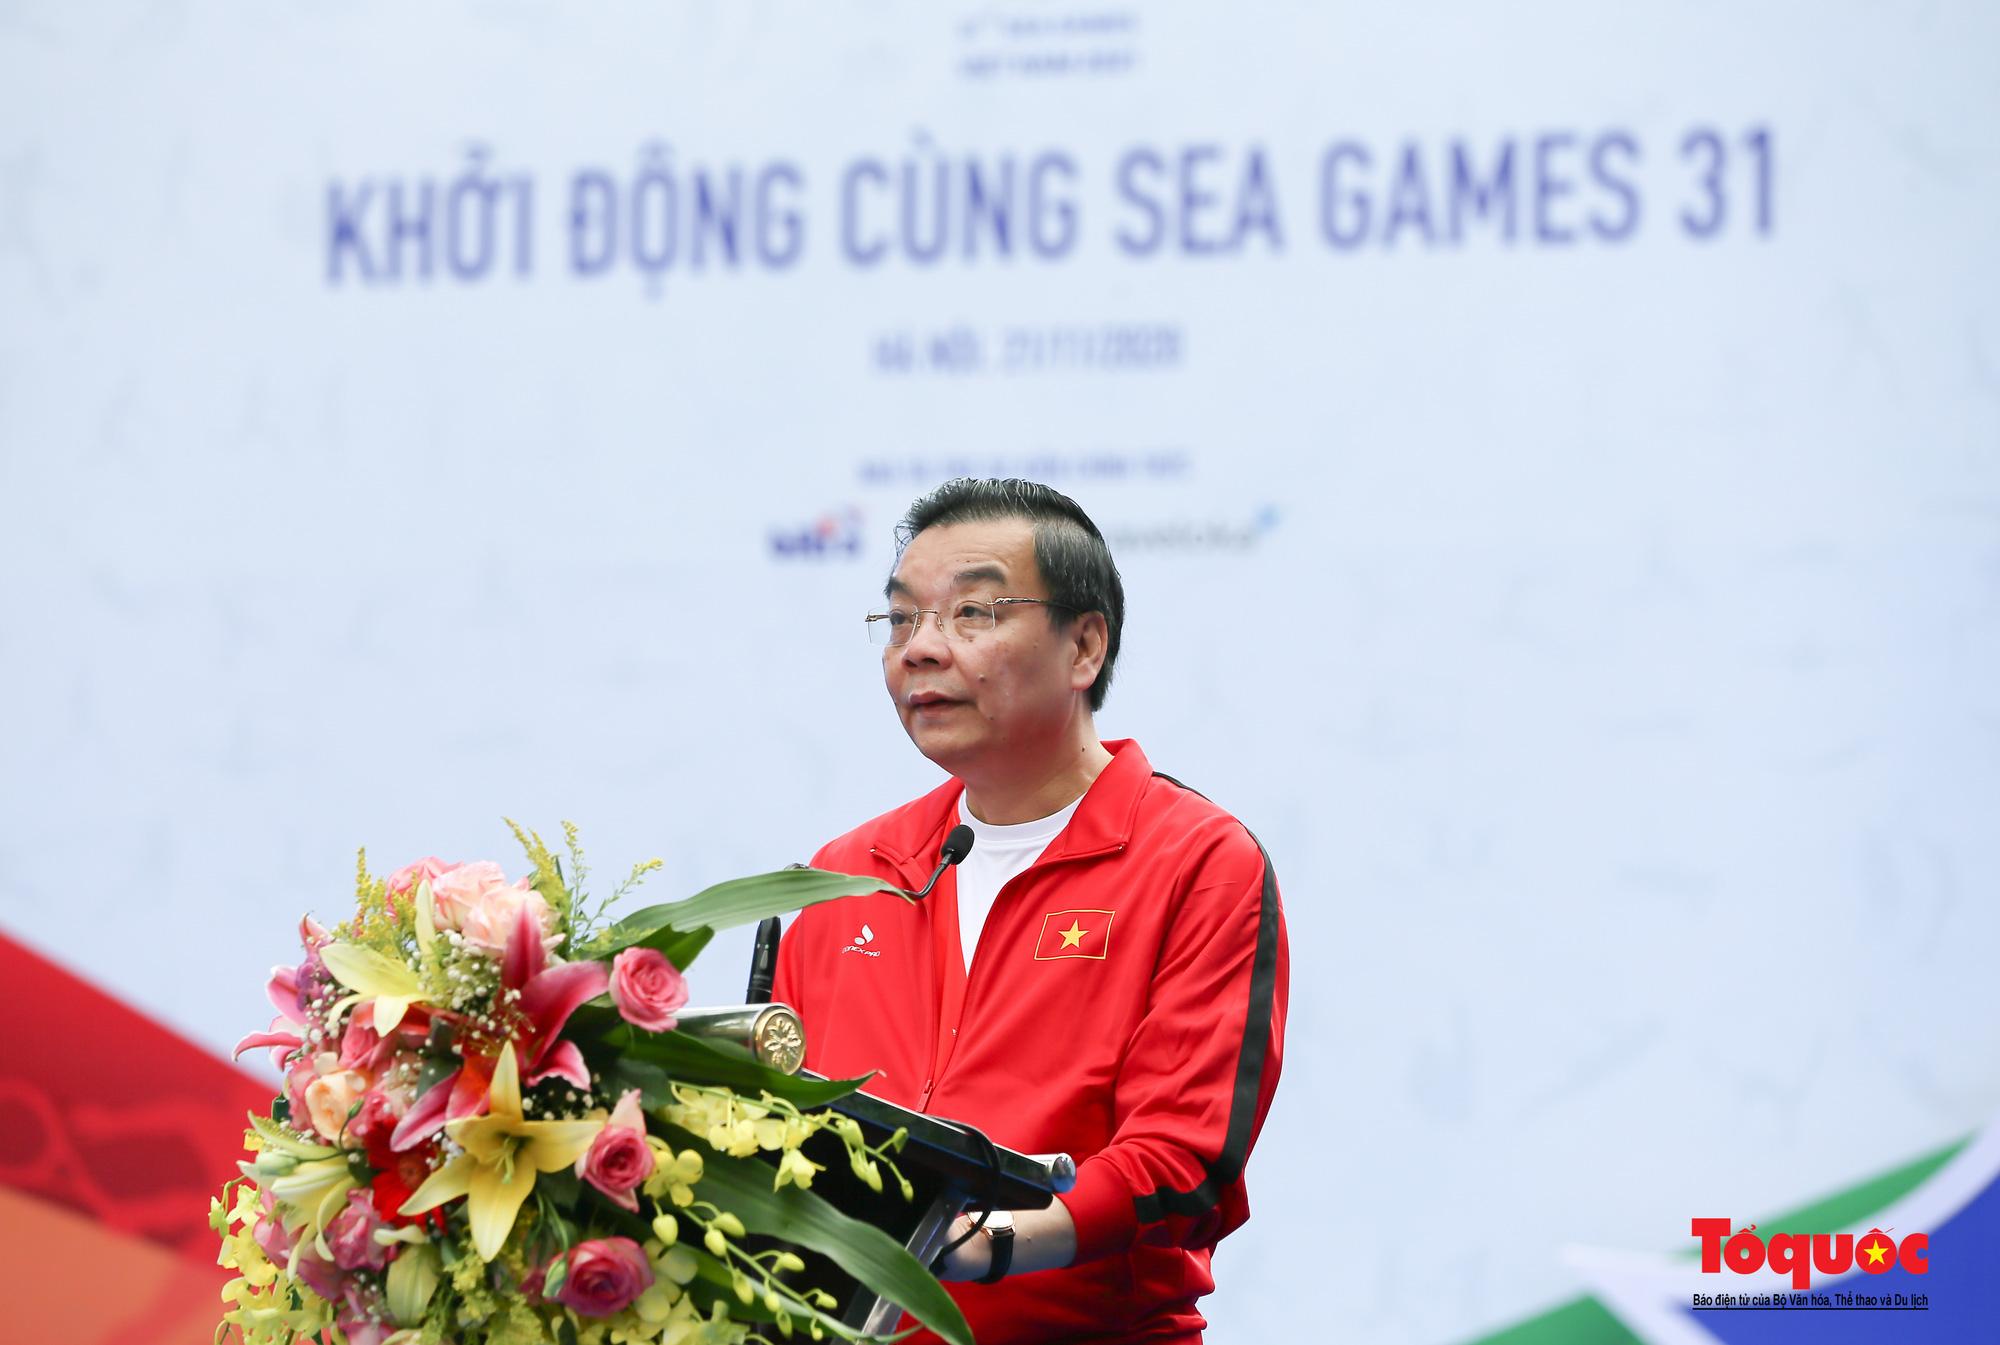 Khởi động cùng SEA Games 31 - Việt Nam sẵn sàng cho Đại hội thể thao lớn nhất Đông Nam Á  - Ảnh 6.